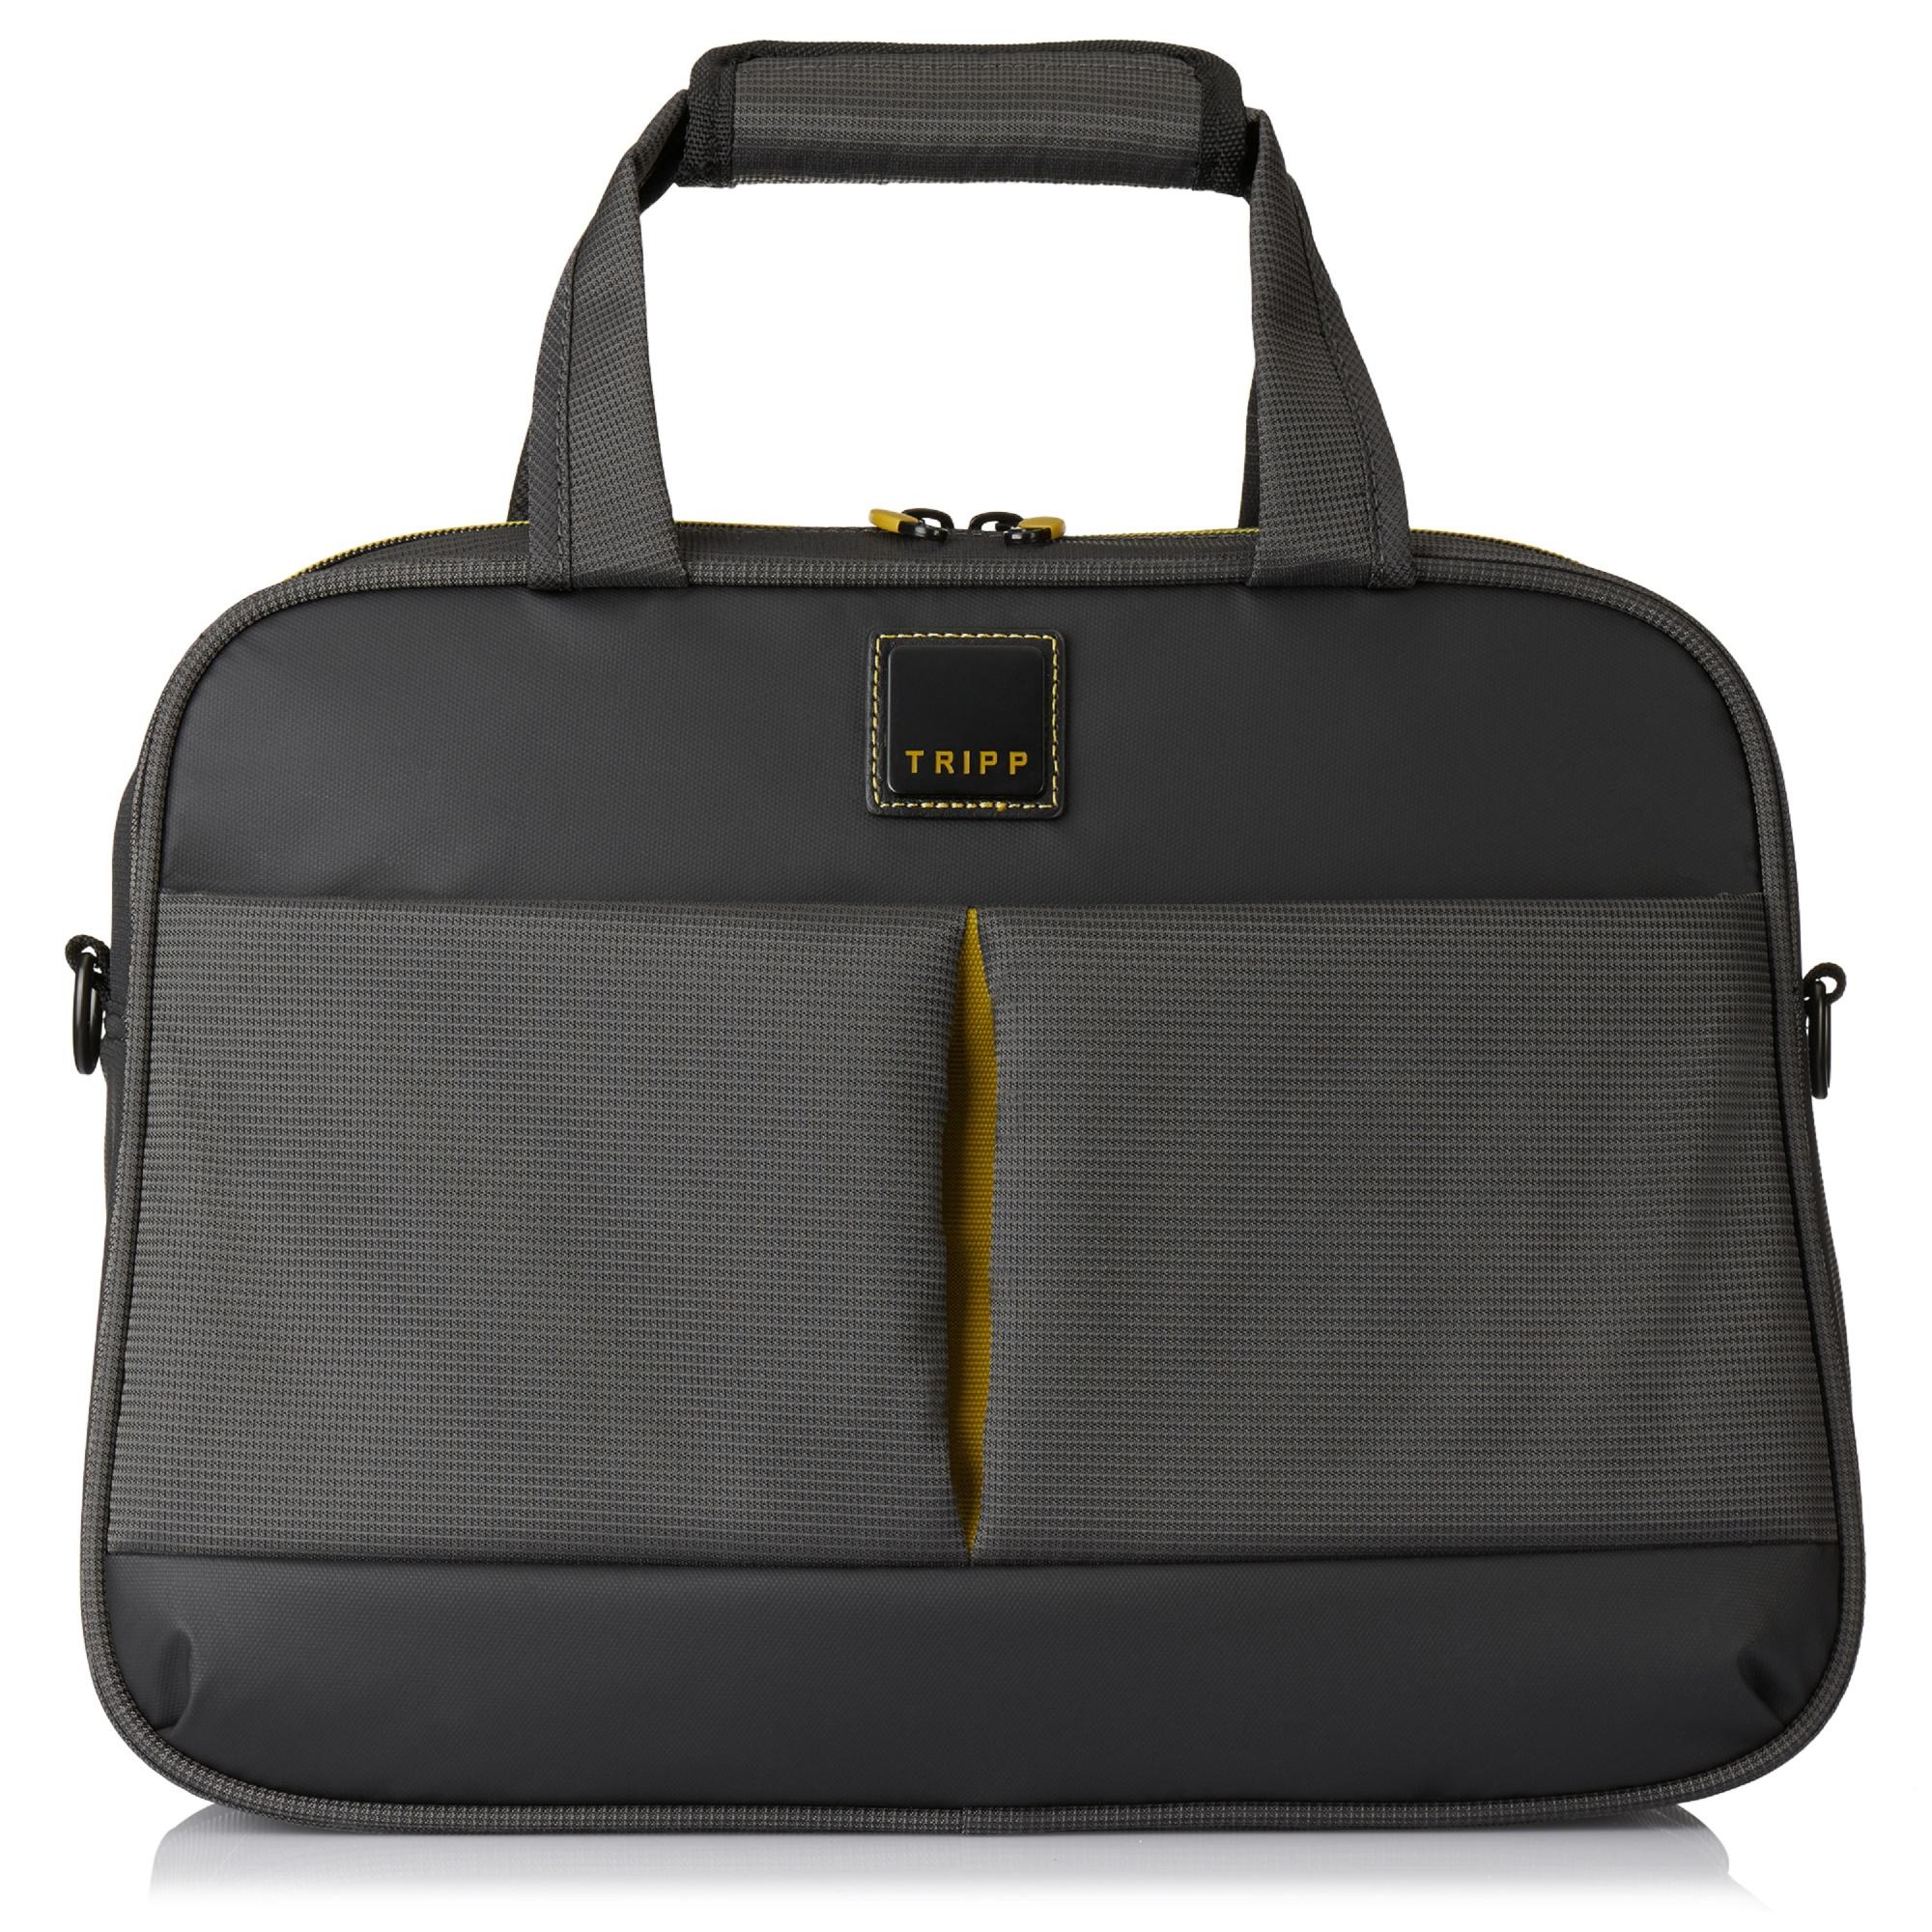 Tripp Graphit 'Style Lite' Flugtasche